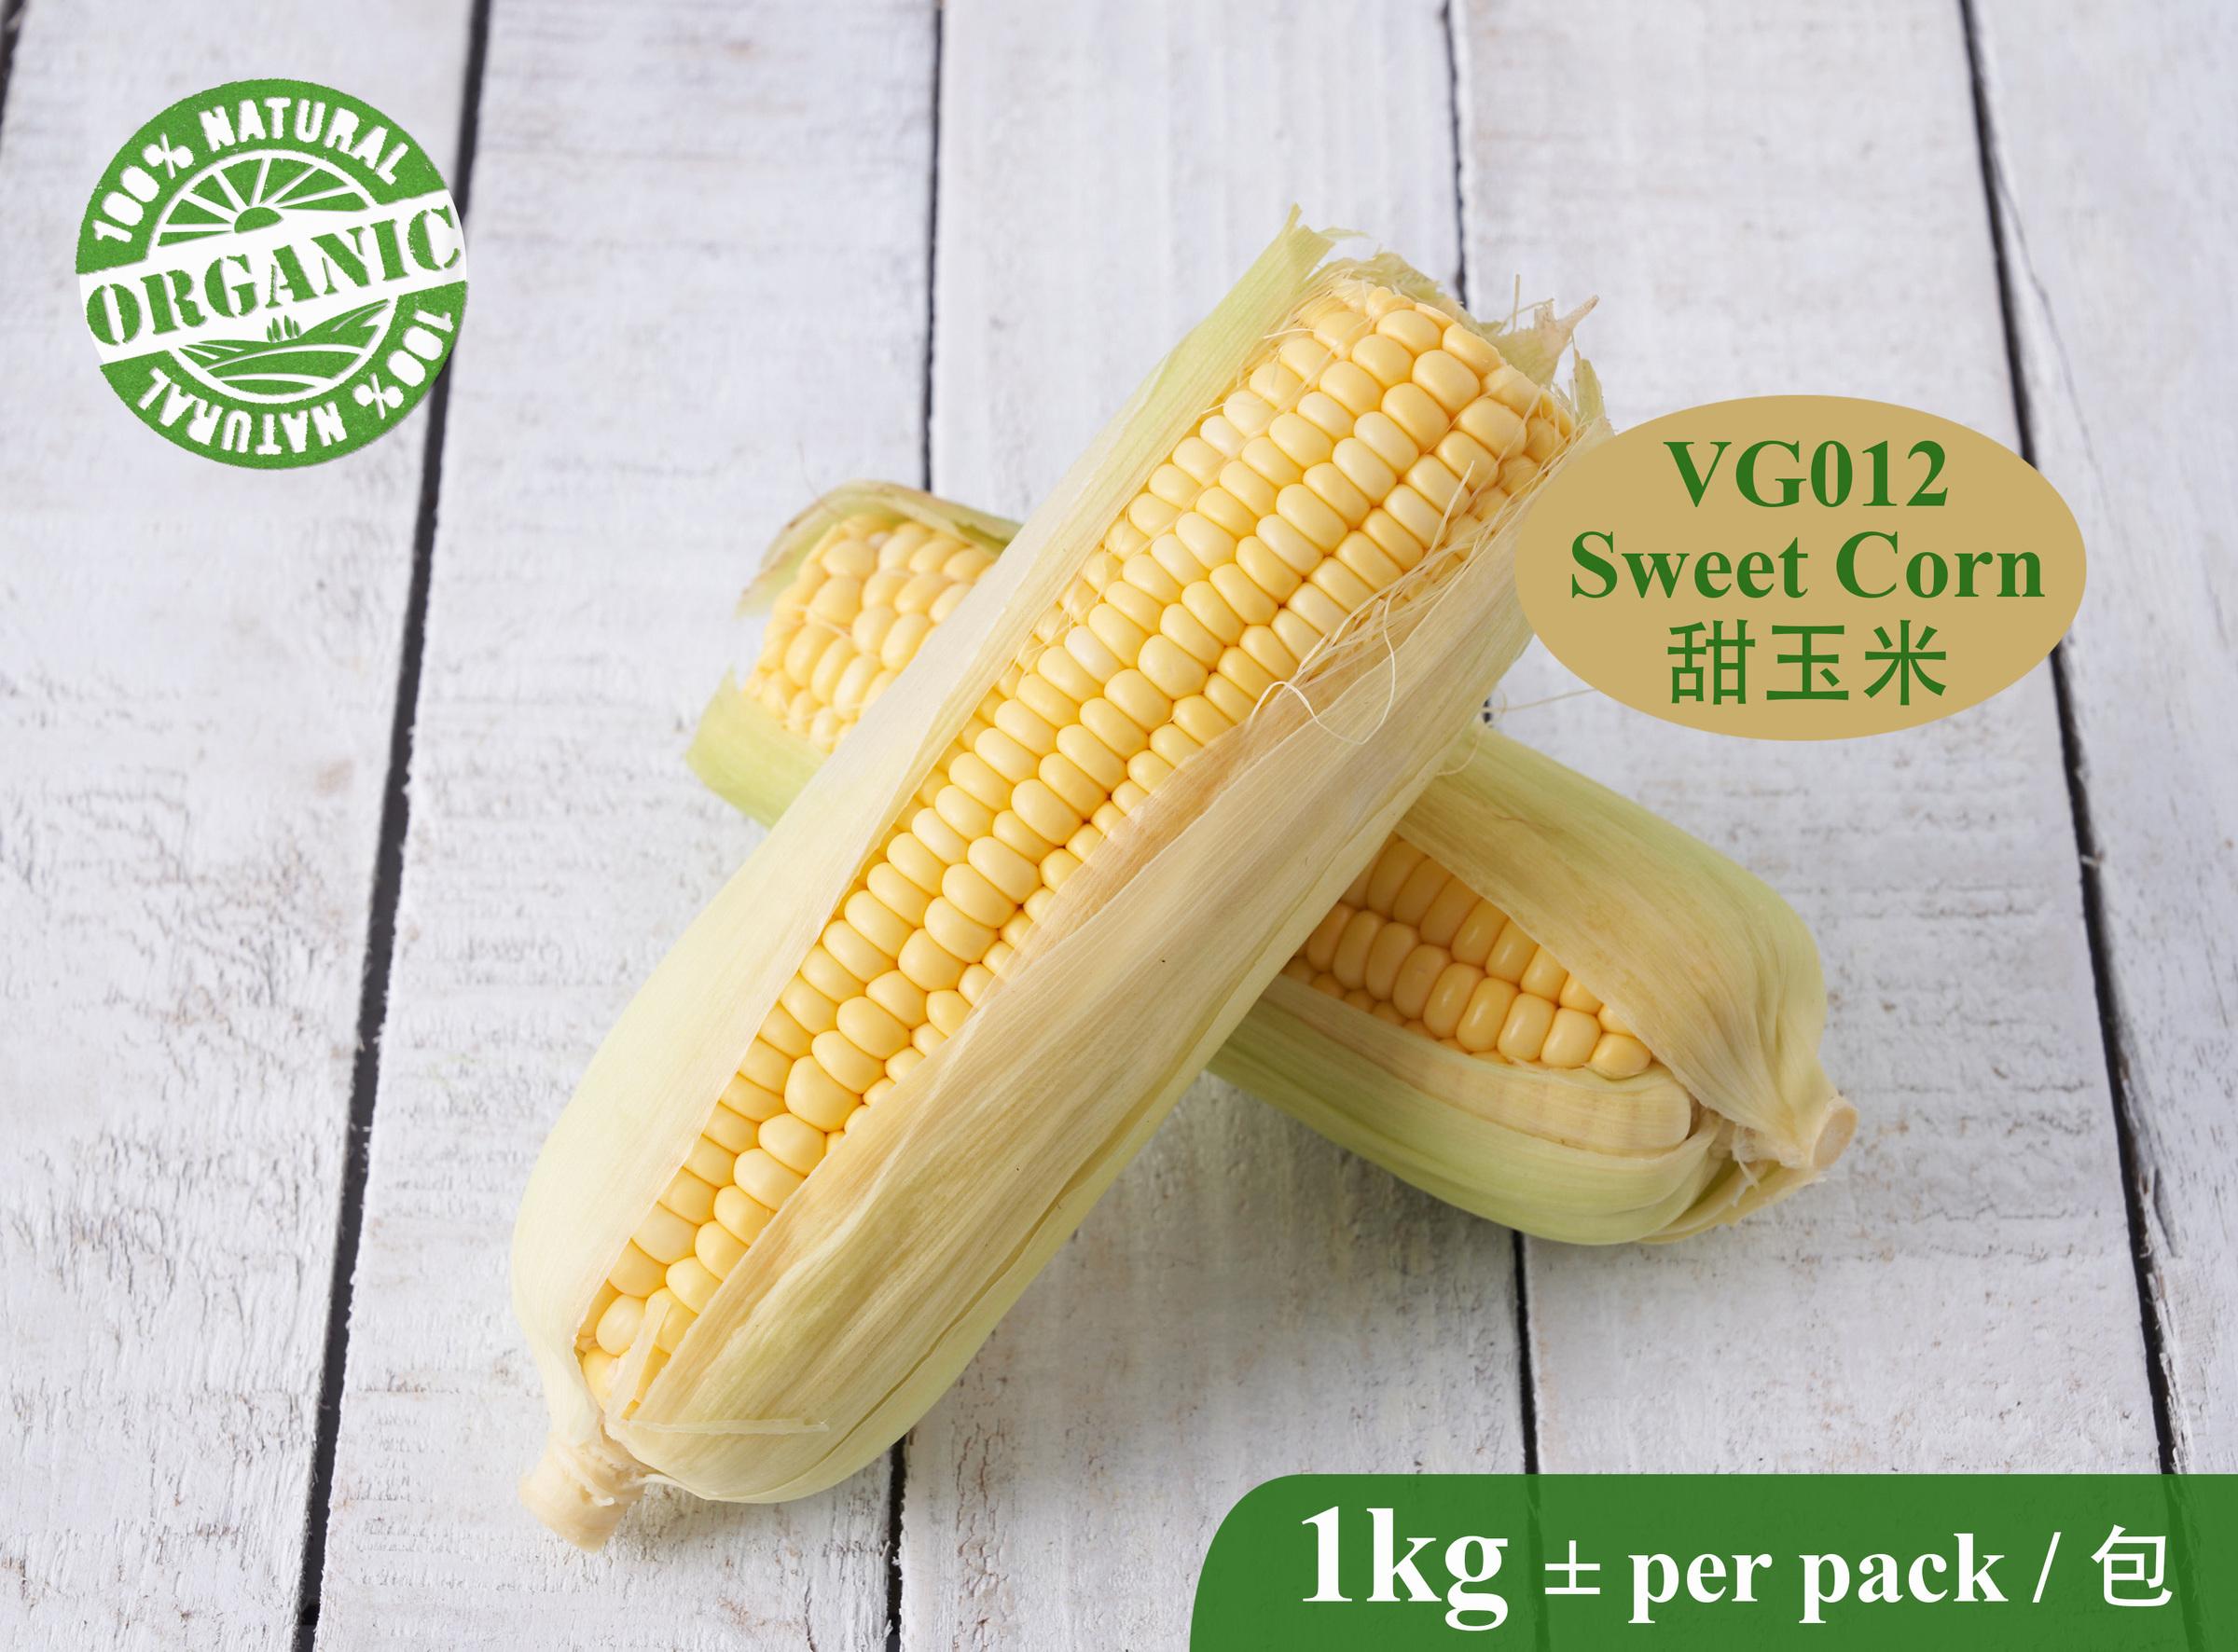 VG012 Sweet Corn-RM15.00 per kg.jpg